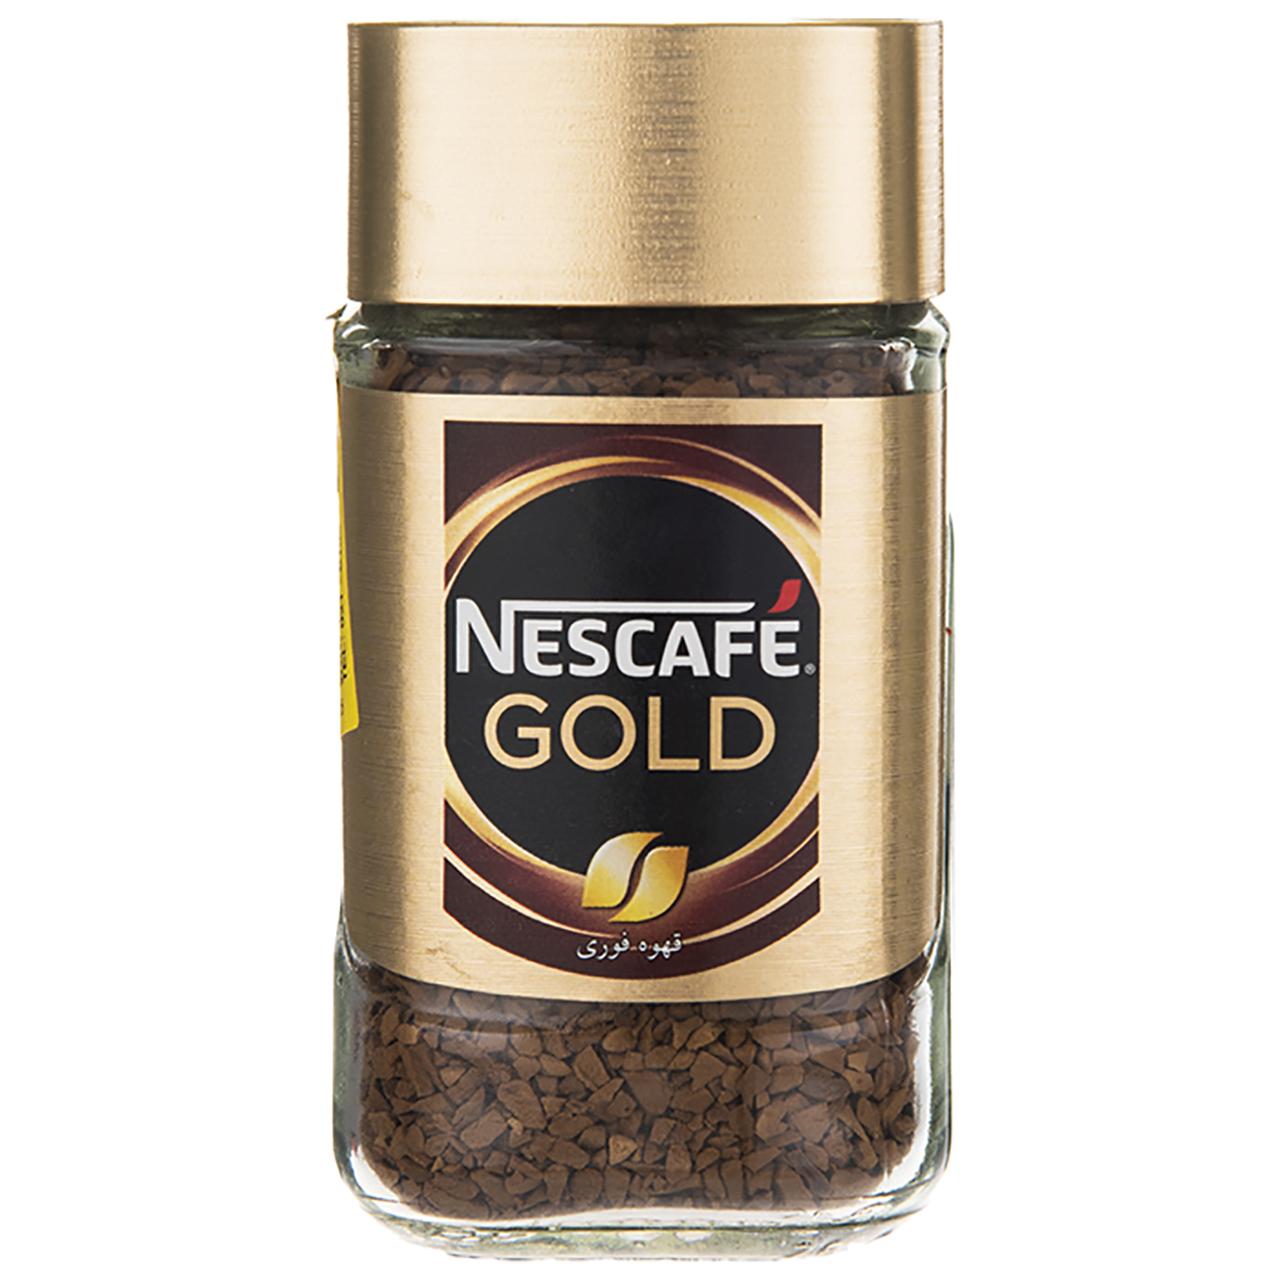 قهوه فوری نسکافه گلد مقدار 50 گرم